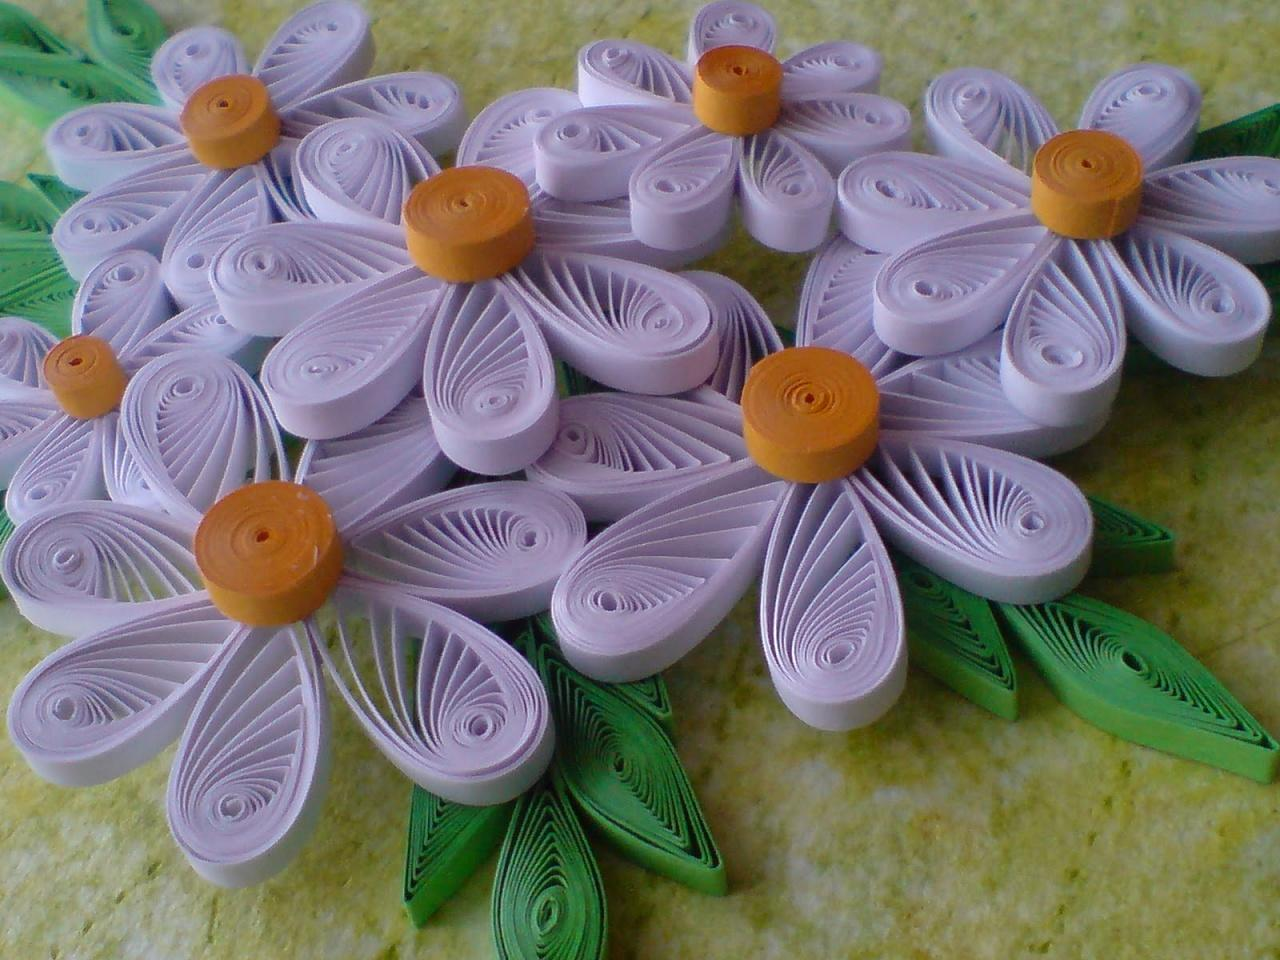 dsc00964 Квиллинг для начинающих пошагово с фото: схемы с описанием, цветы как сделать и видео-уроки, мастер-класс поэтапно